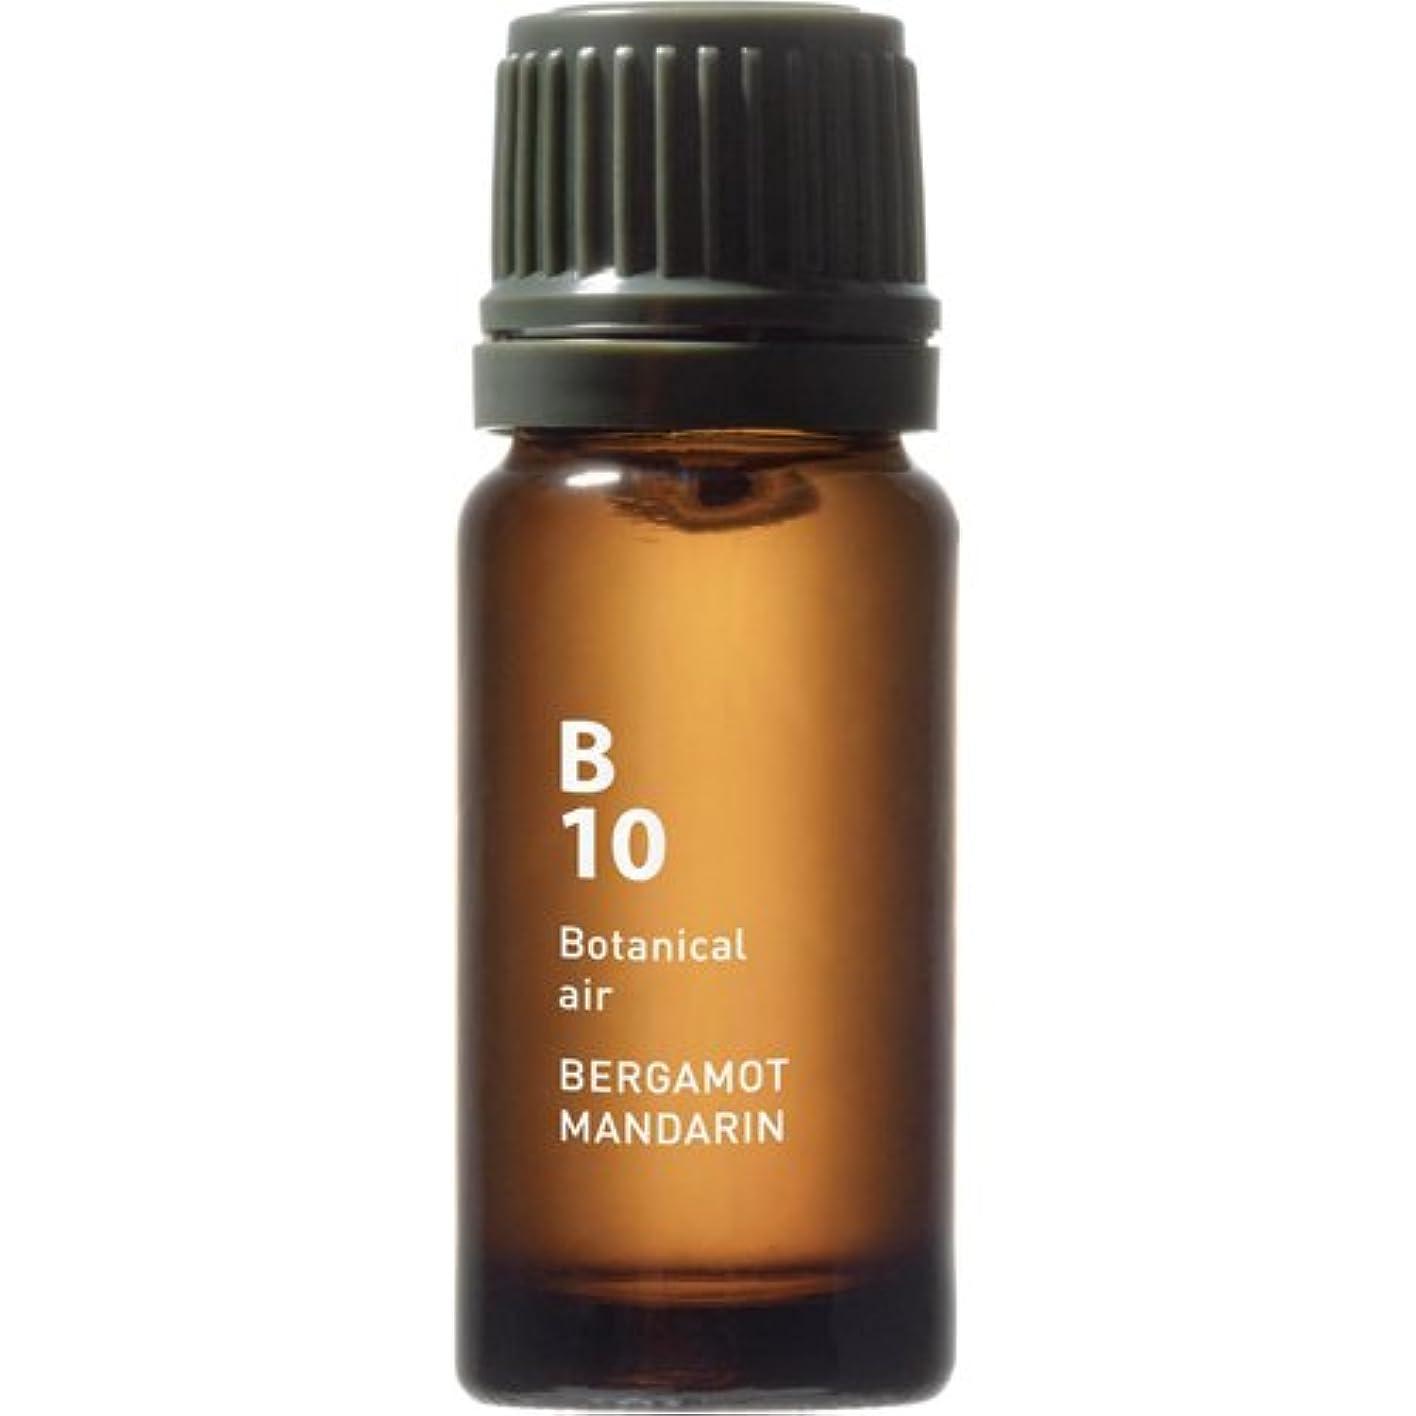 スペア眉発生B10 ベルガモットマンダリン Botanical air(ボタニカルエアー) 10ml